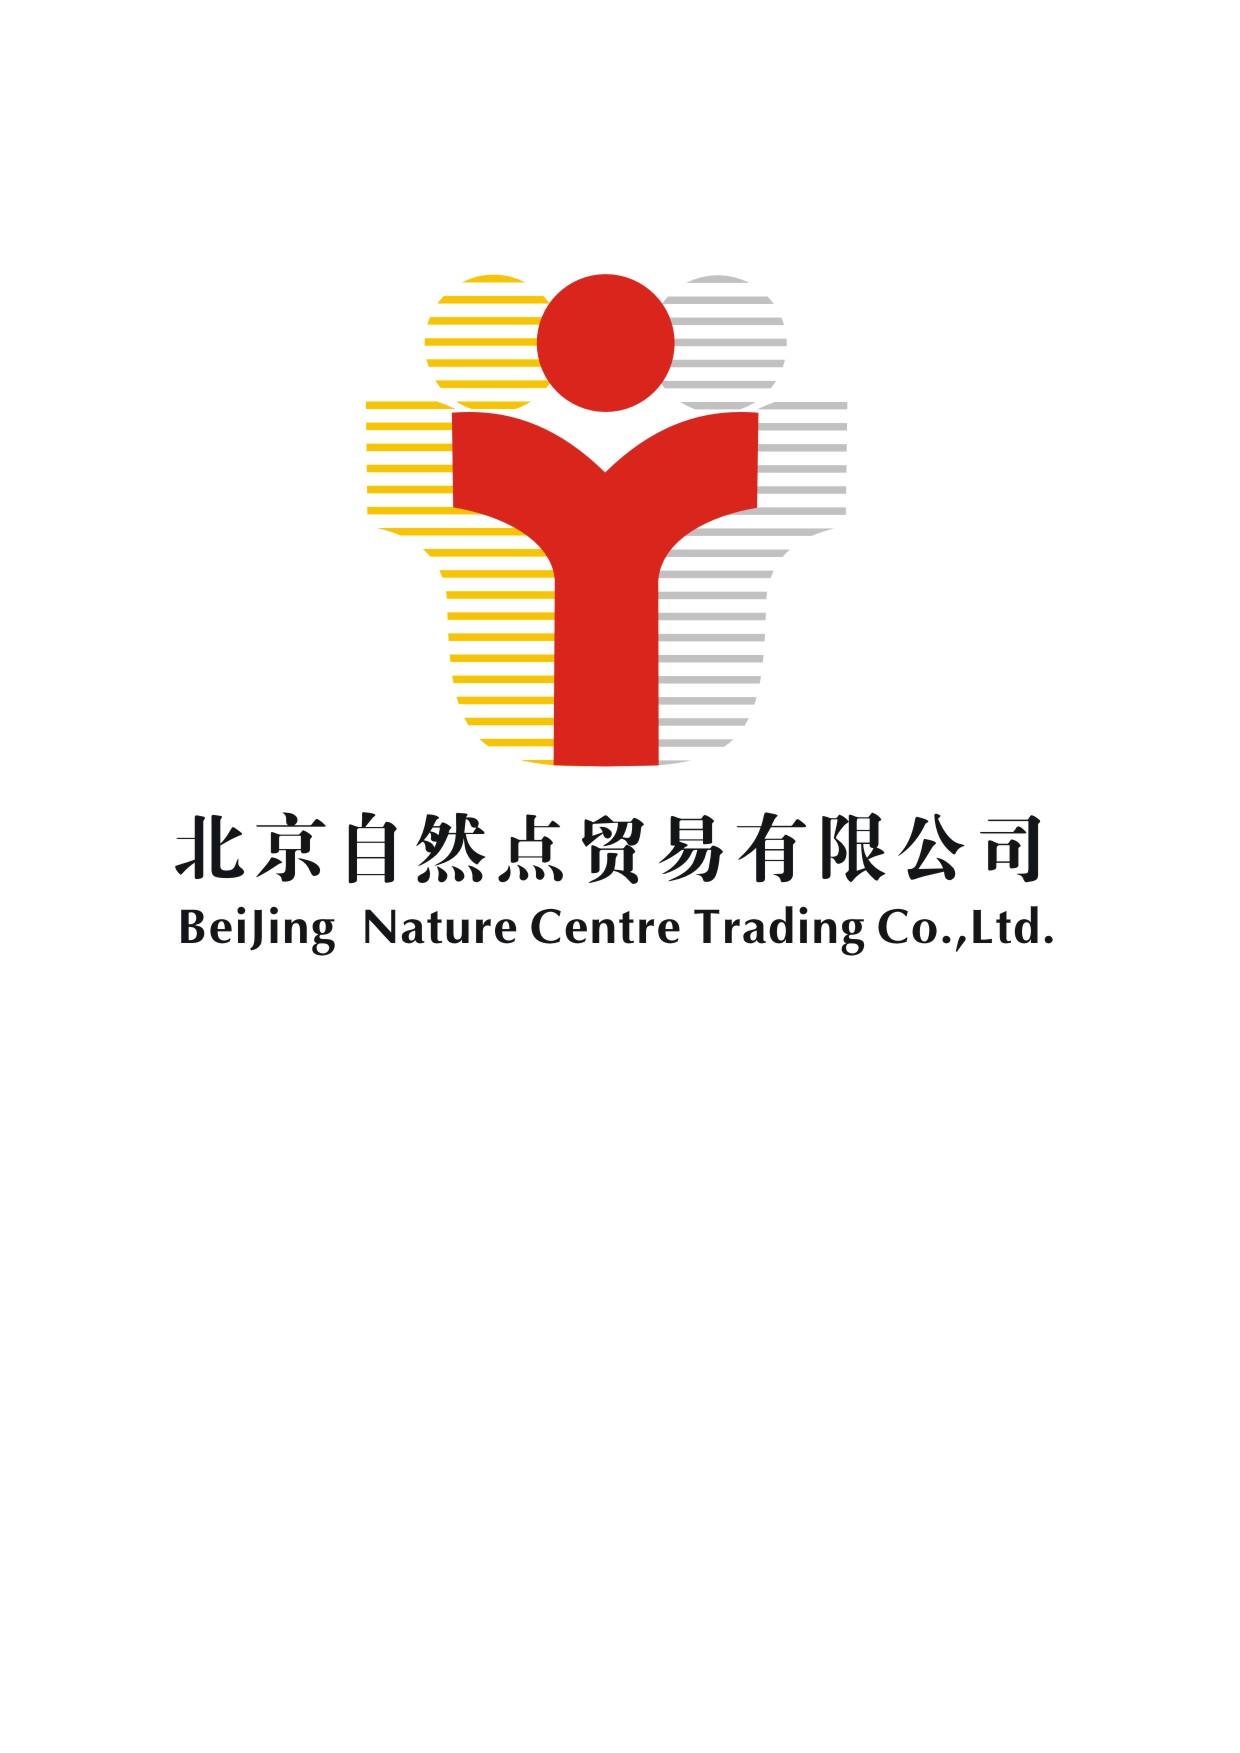 Beijing Nature Center Trading Co.,Ltd logo